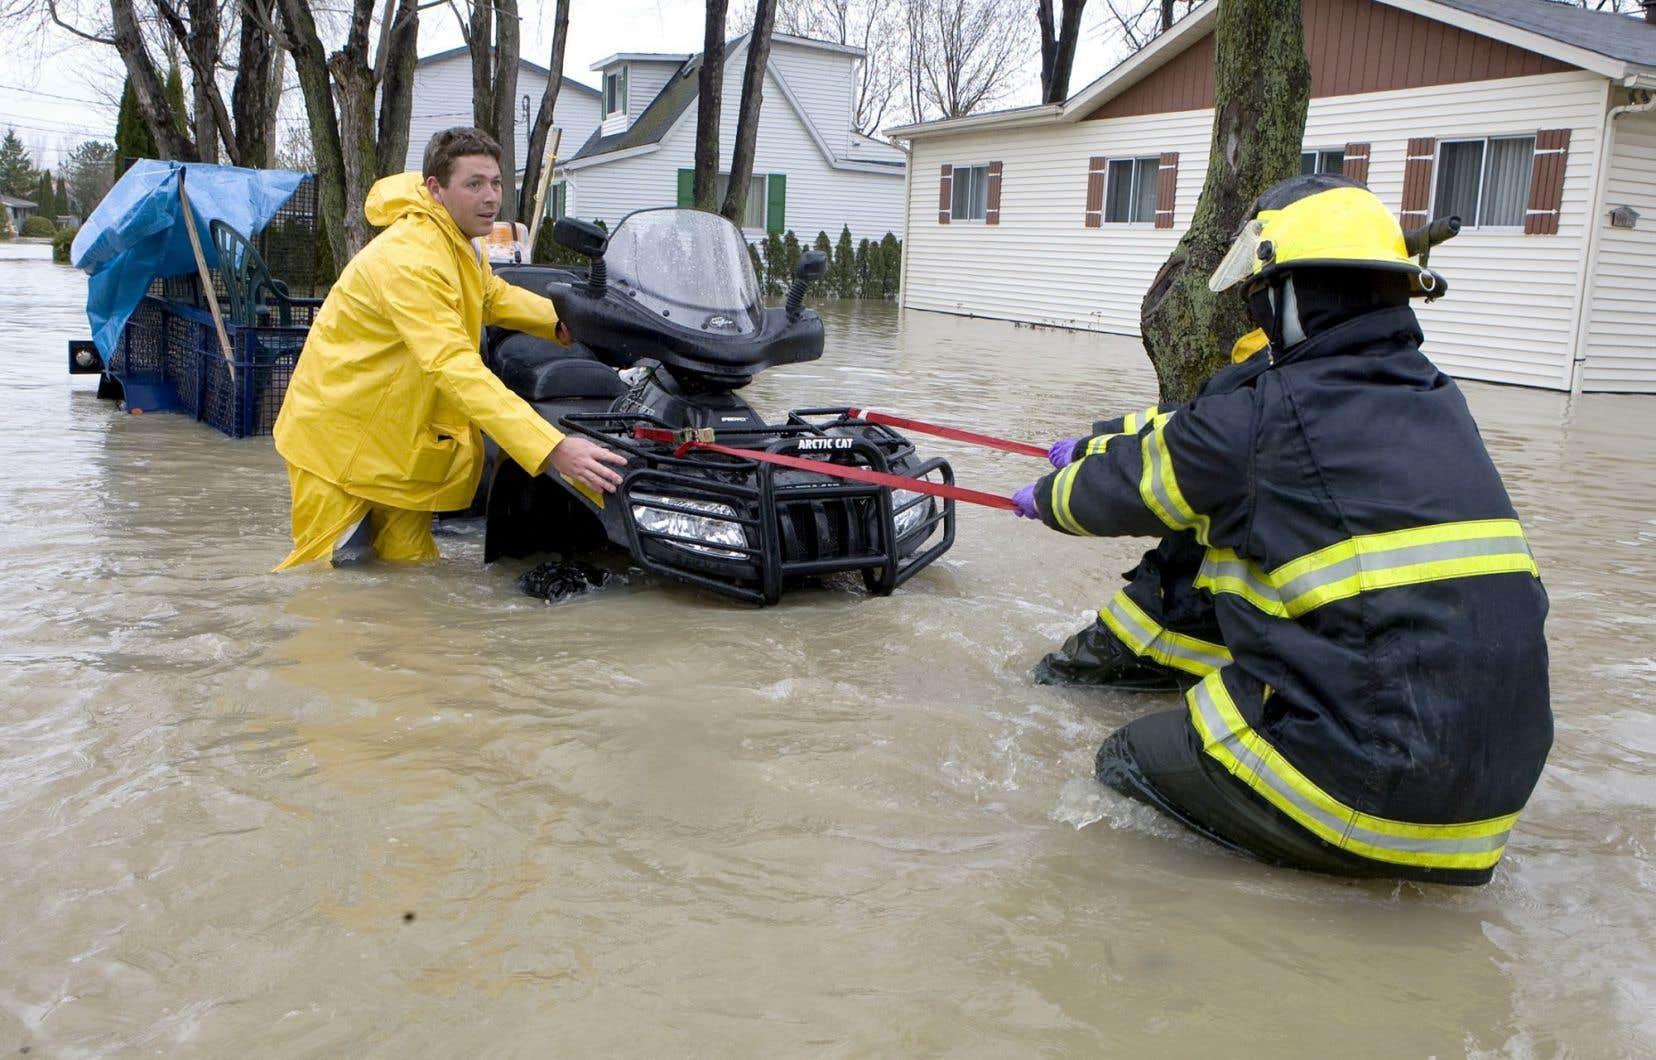 Le réchauffement climatique a augmenté la fréquence et l'intensité des catastrophes naturelles, comme les pluies torrentielles qui ont éprouvé Saint-Jean-sur-Richelieu en 2011.